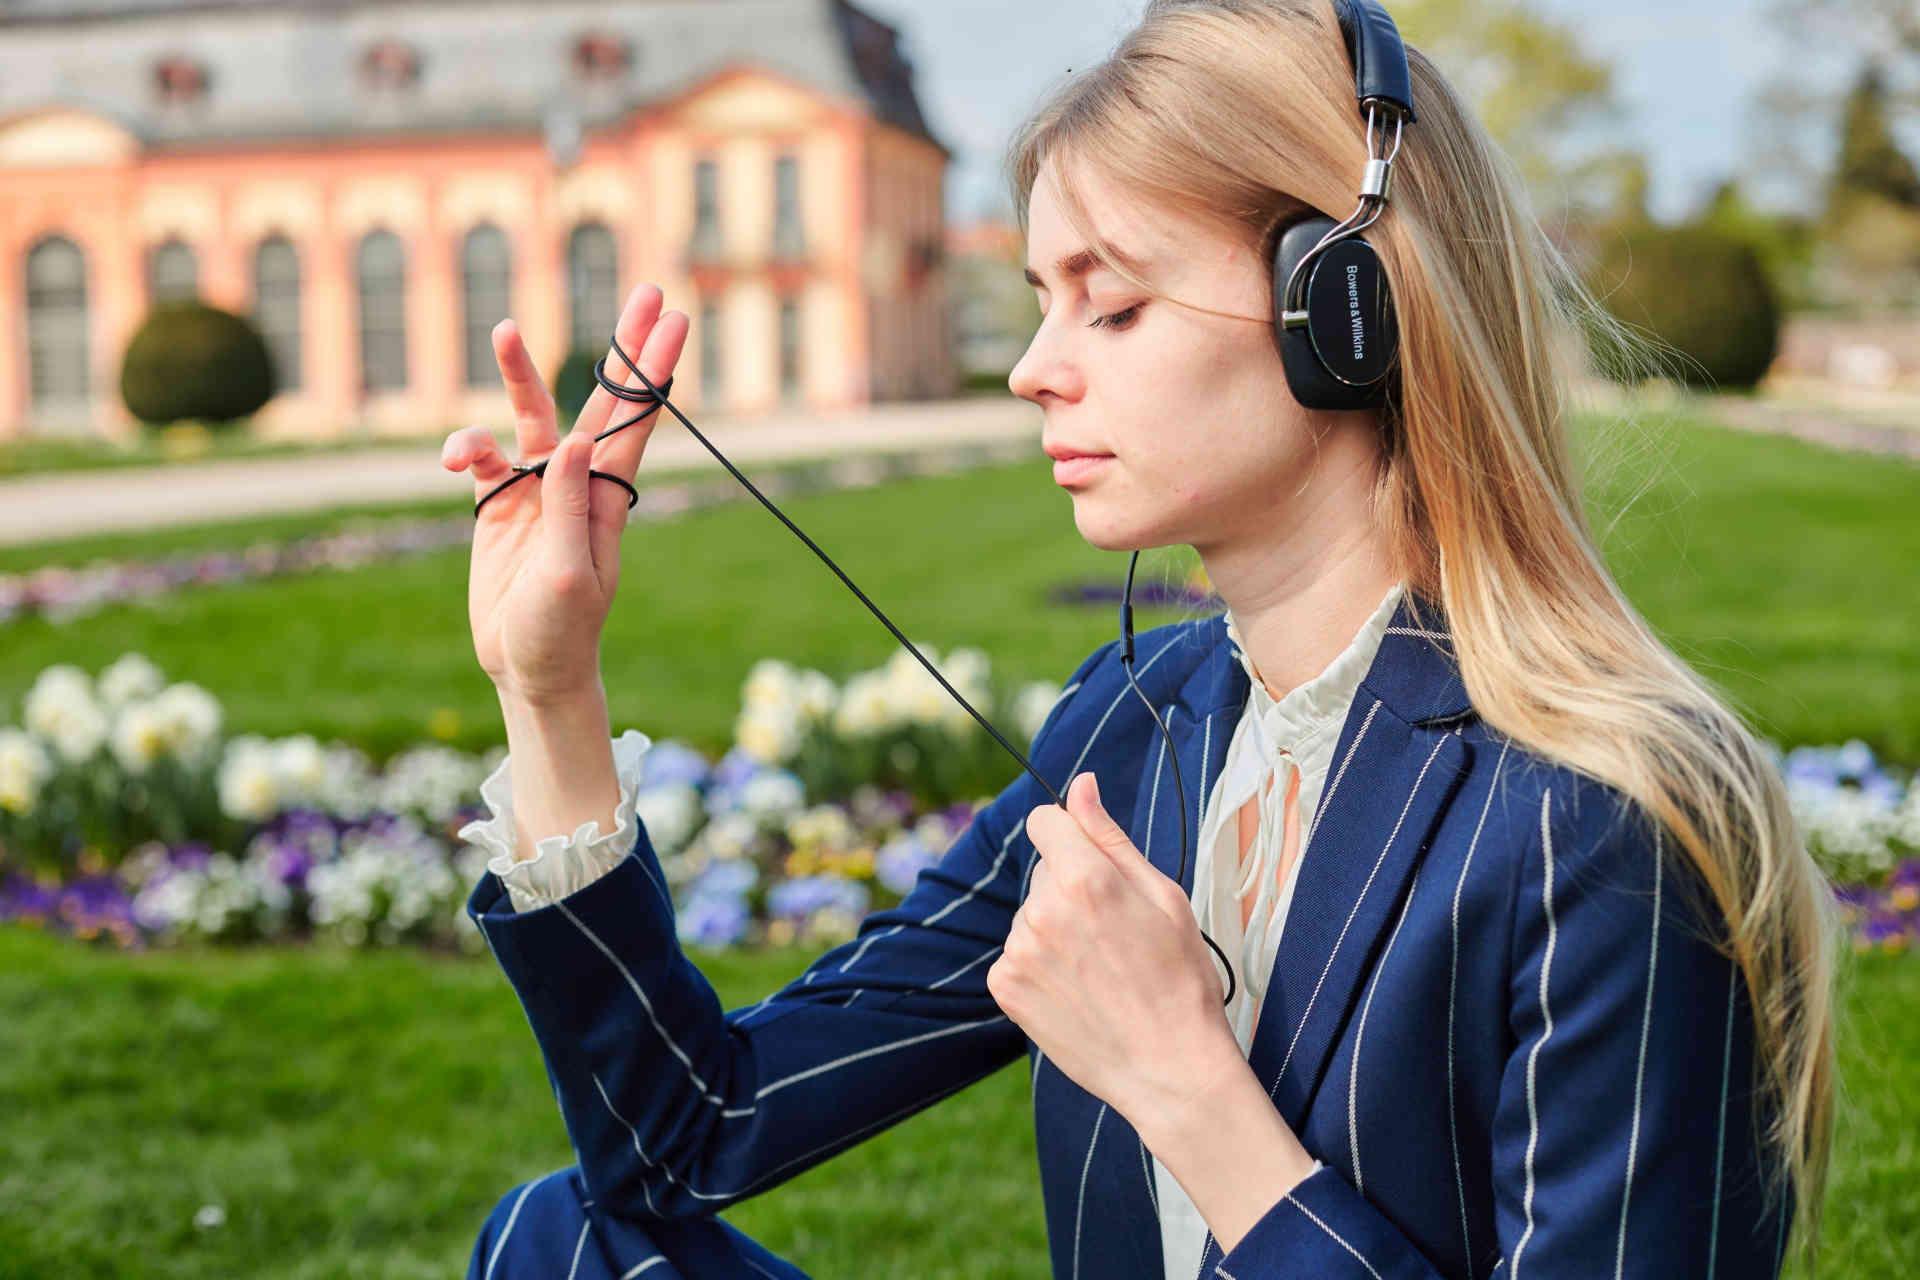 公園で自分の時間を過ごしている女性